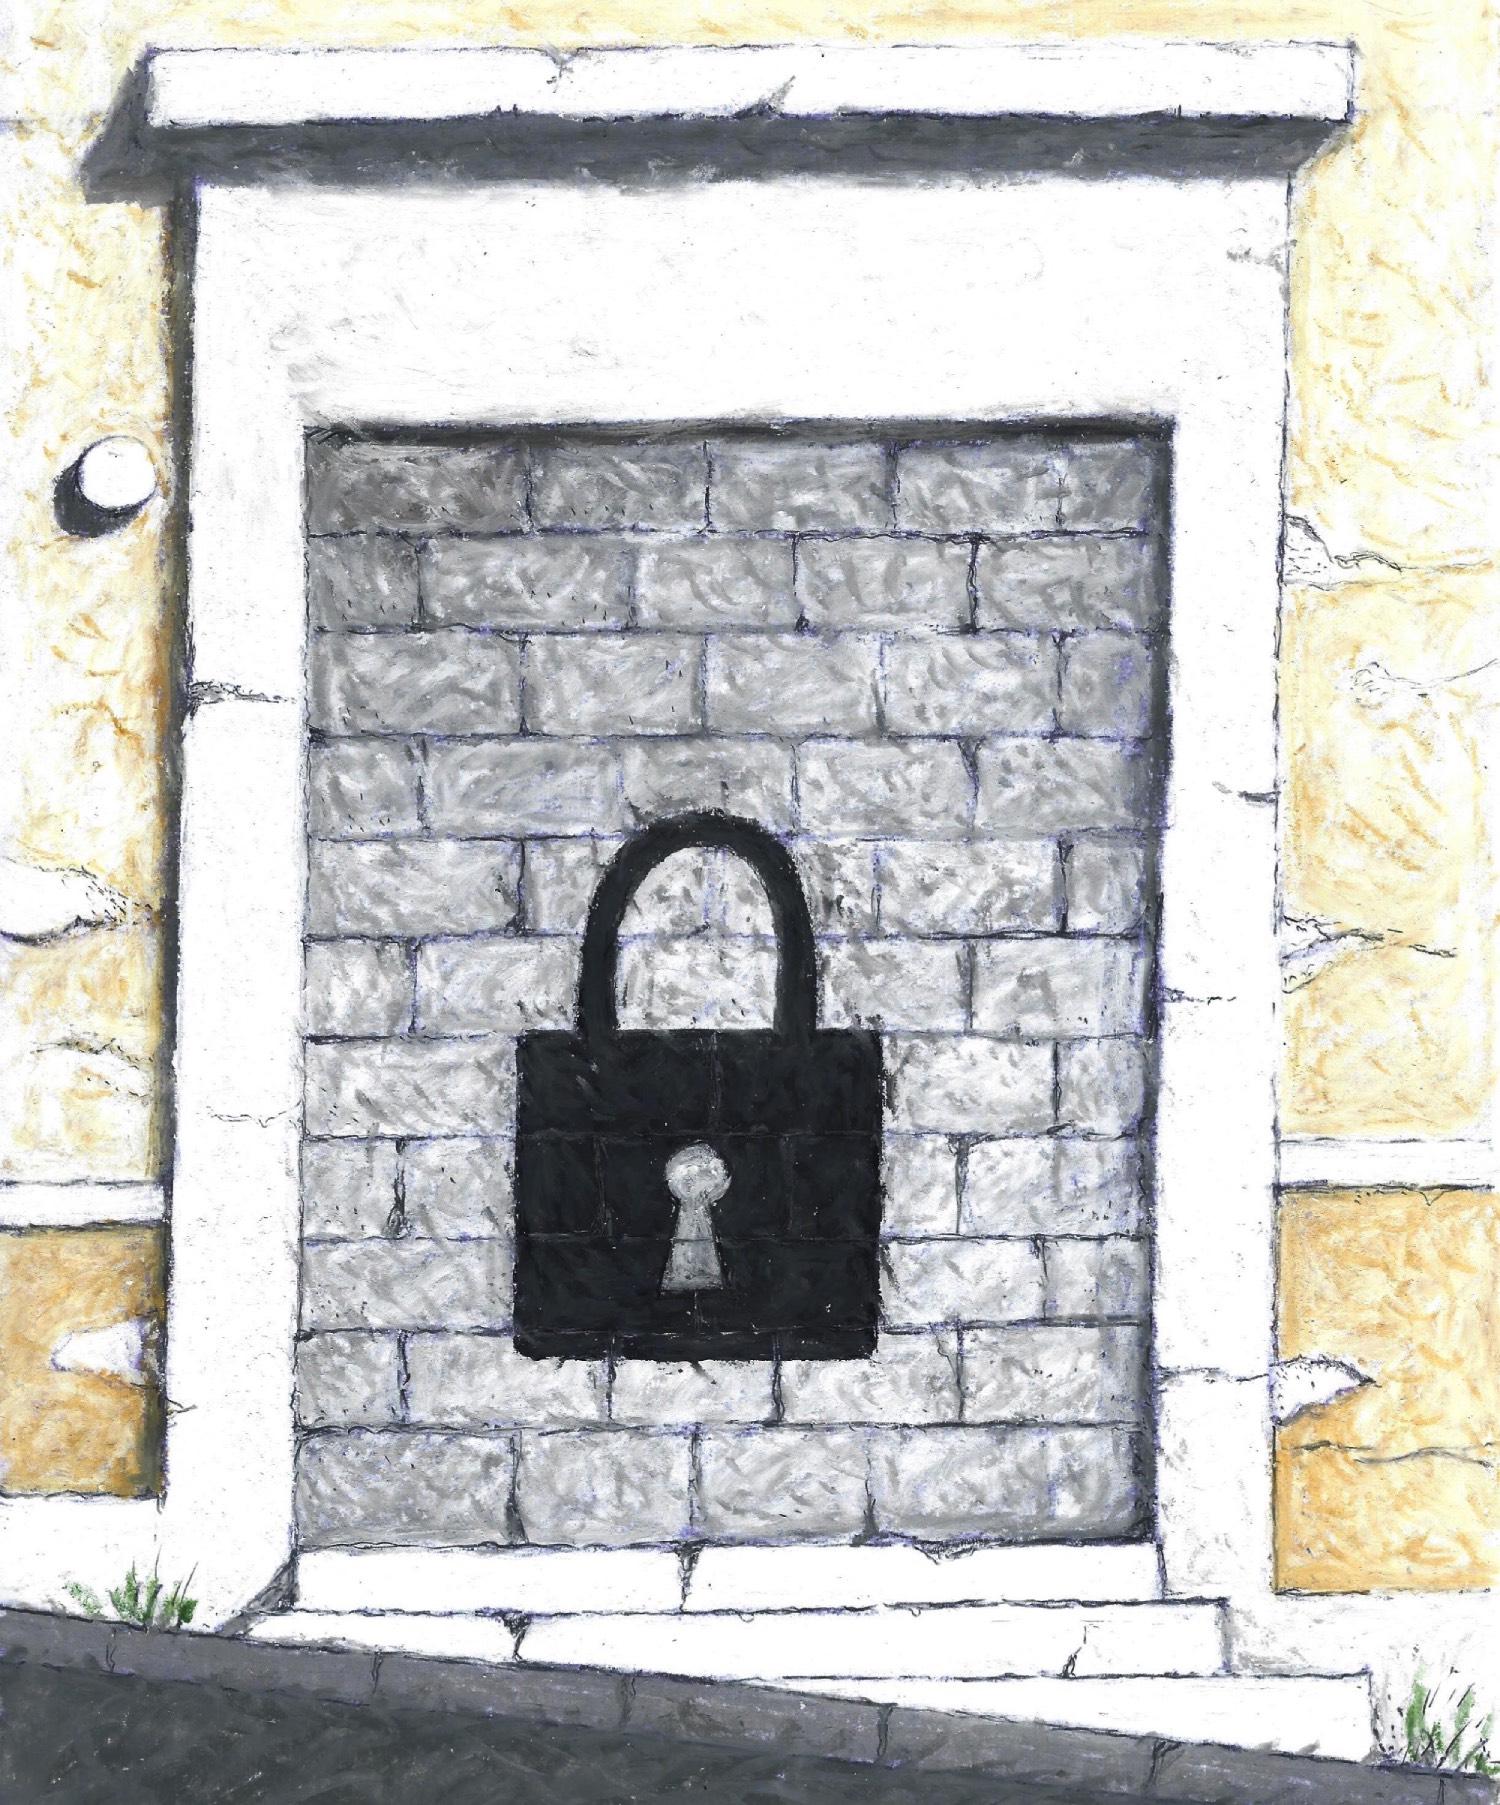 Η χτισμένη πόρτα